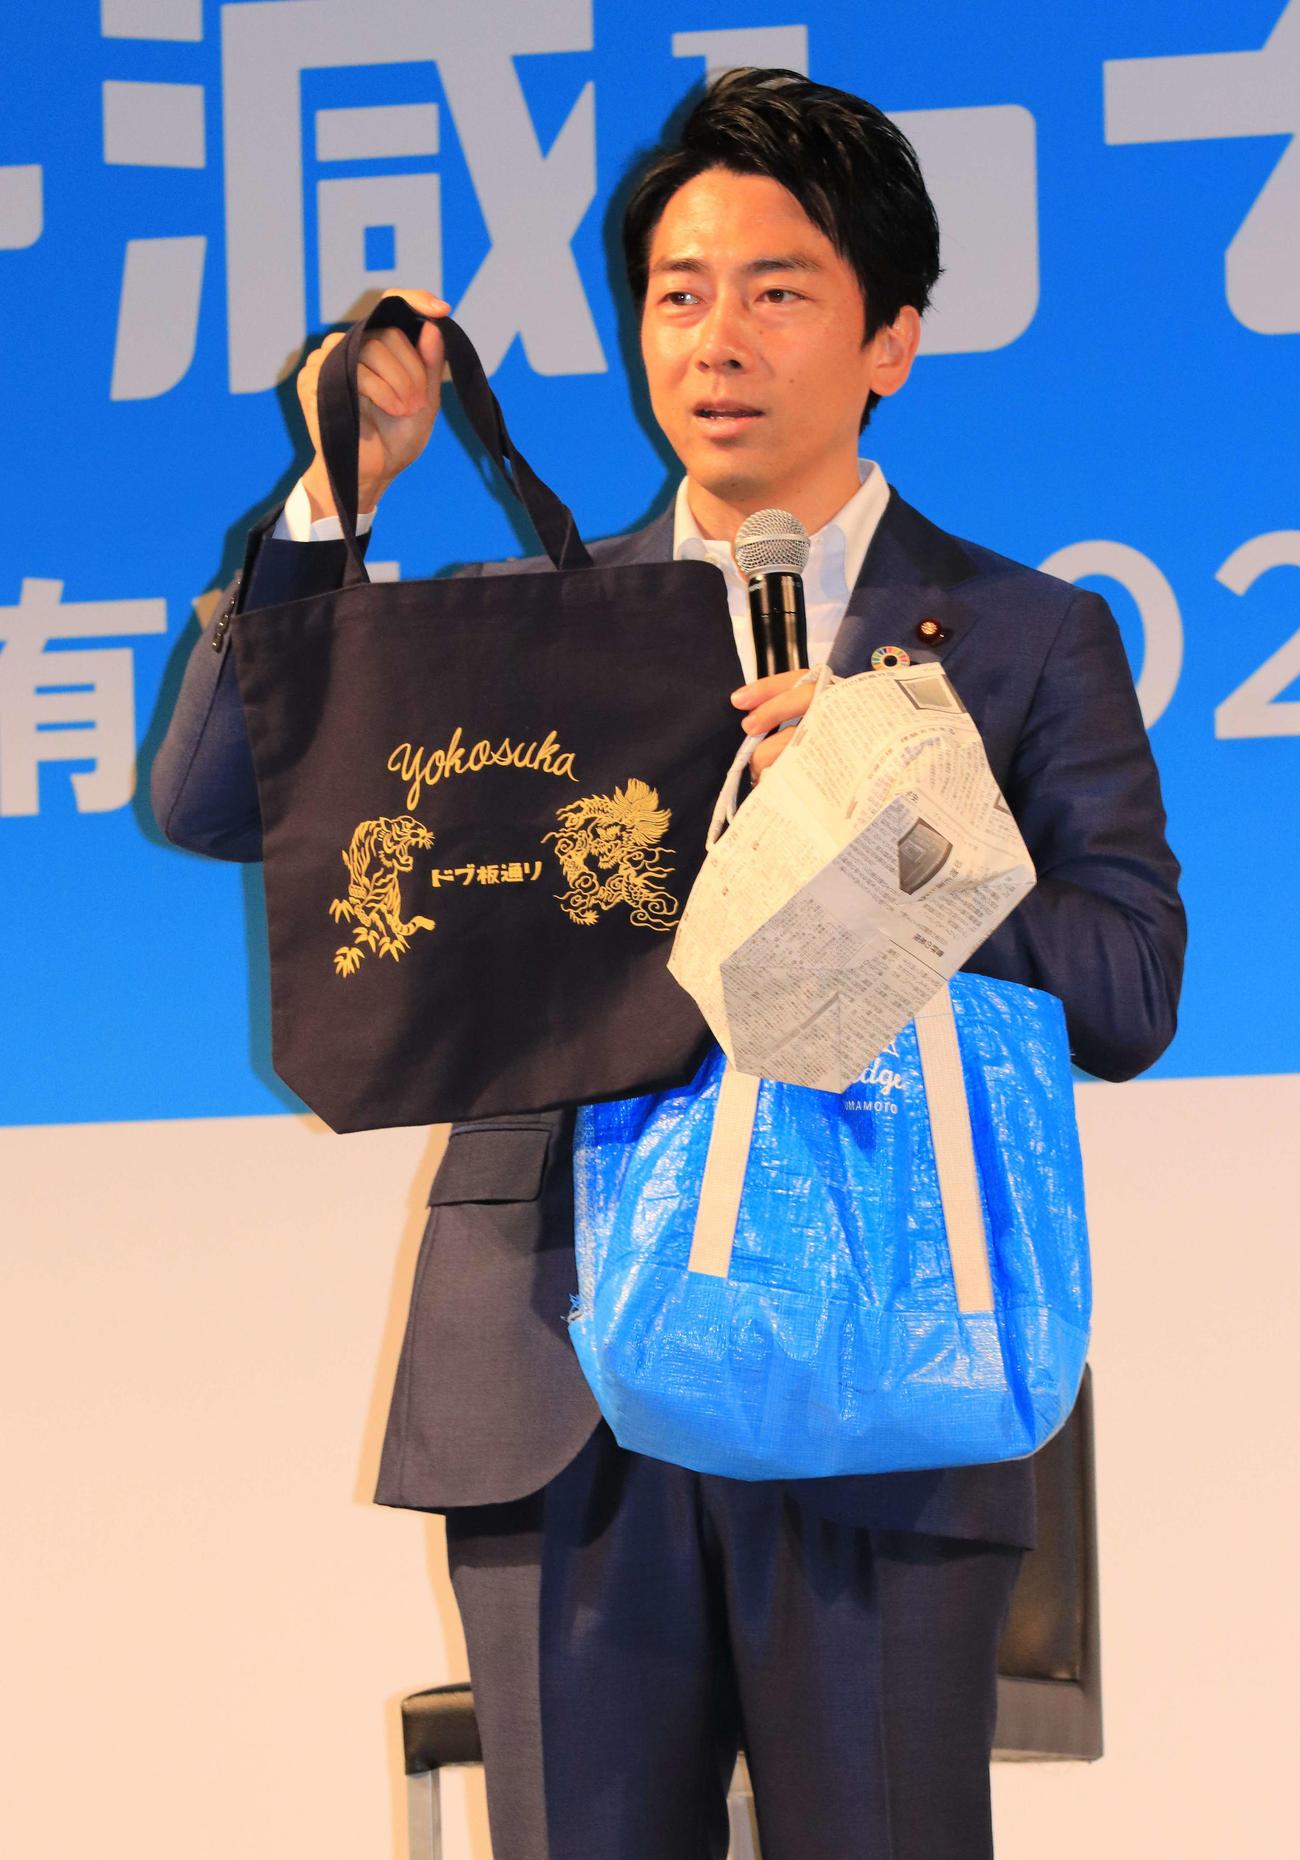 都内でイベントに出席し、自らのエコバッグを披露する小泉進次郎氏(20年6月25日撮影)